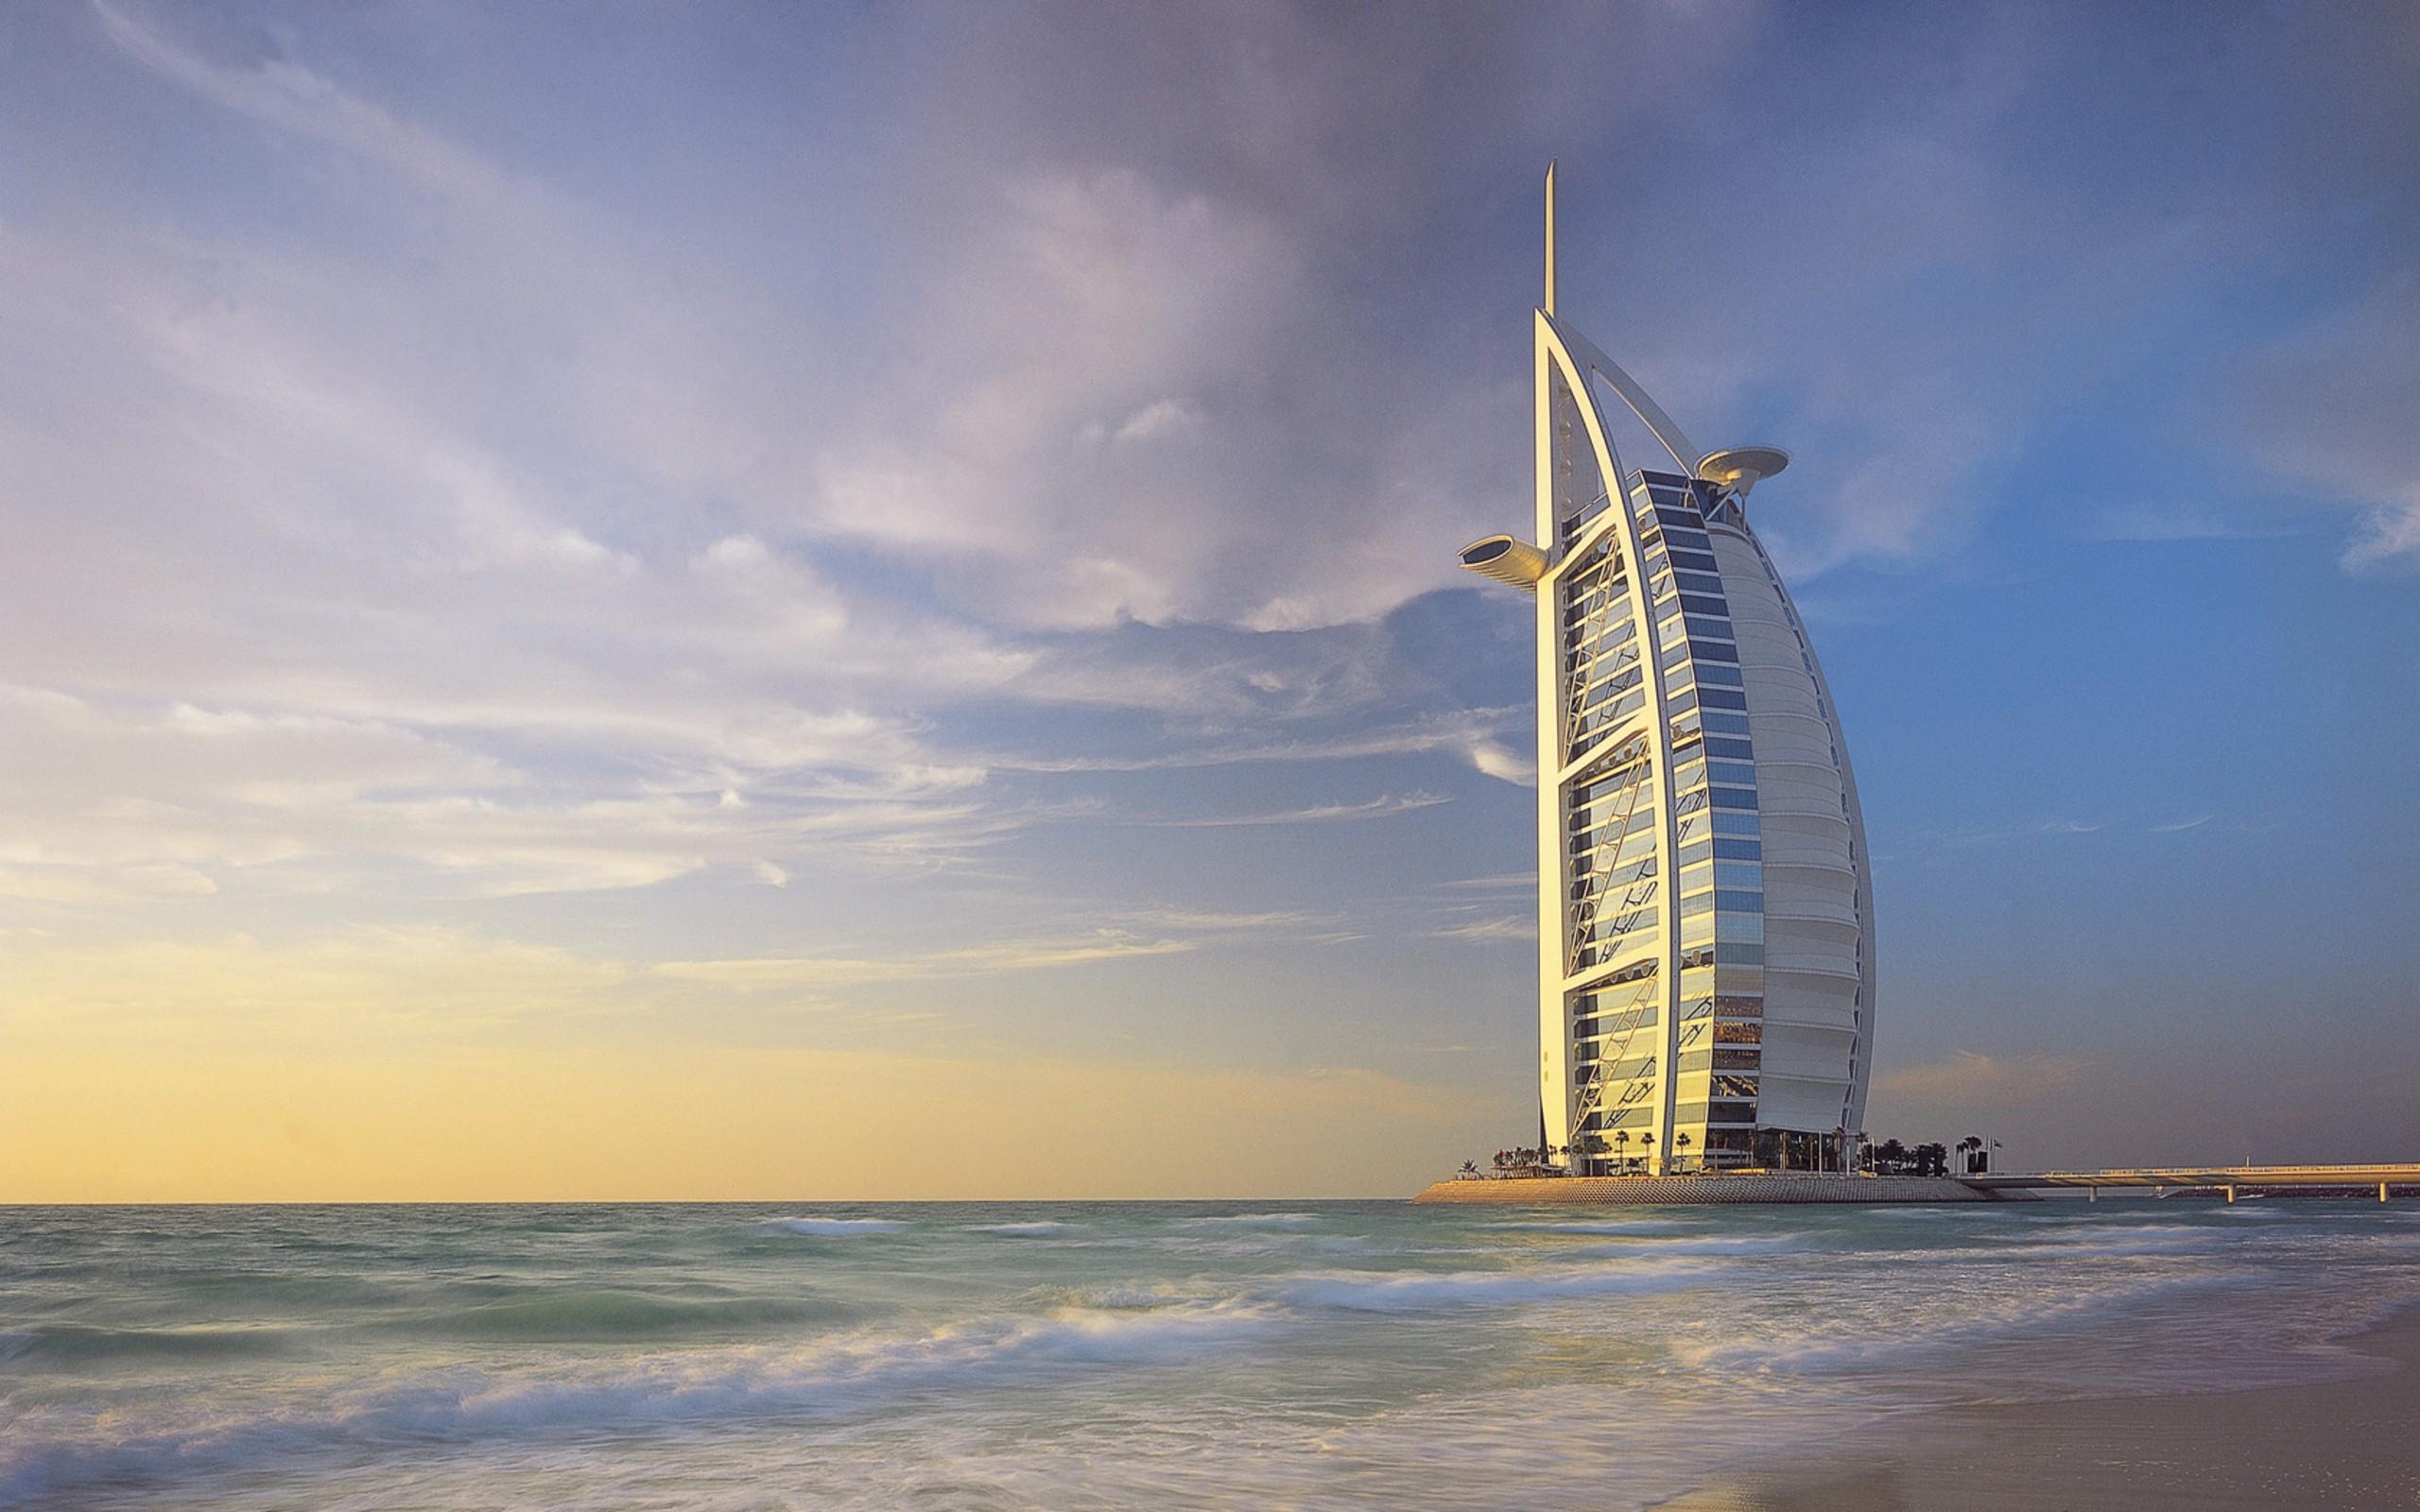 Dubai playas - 2560x1600